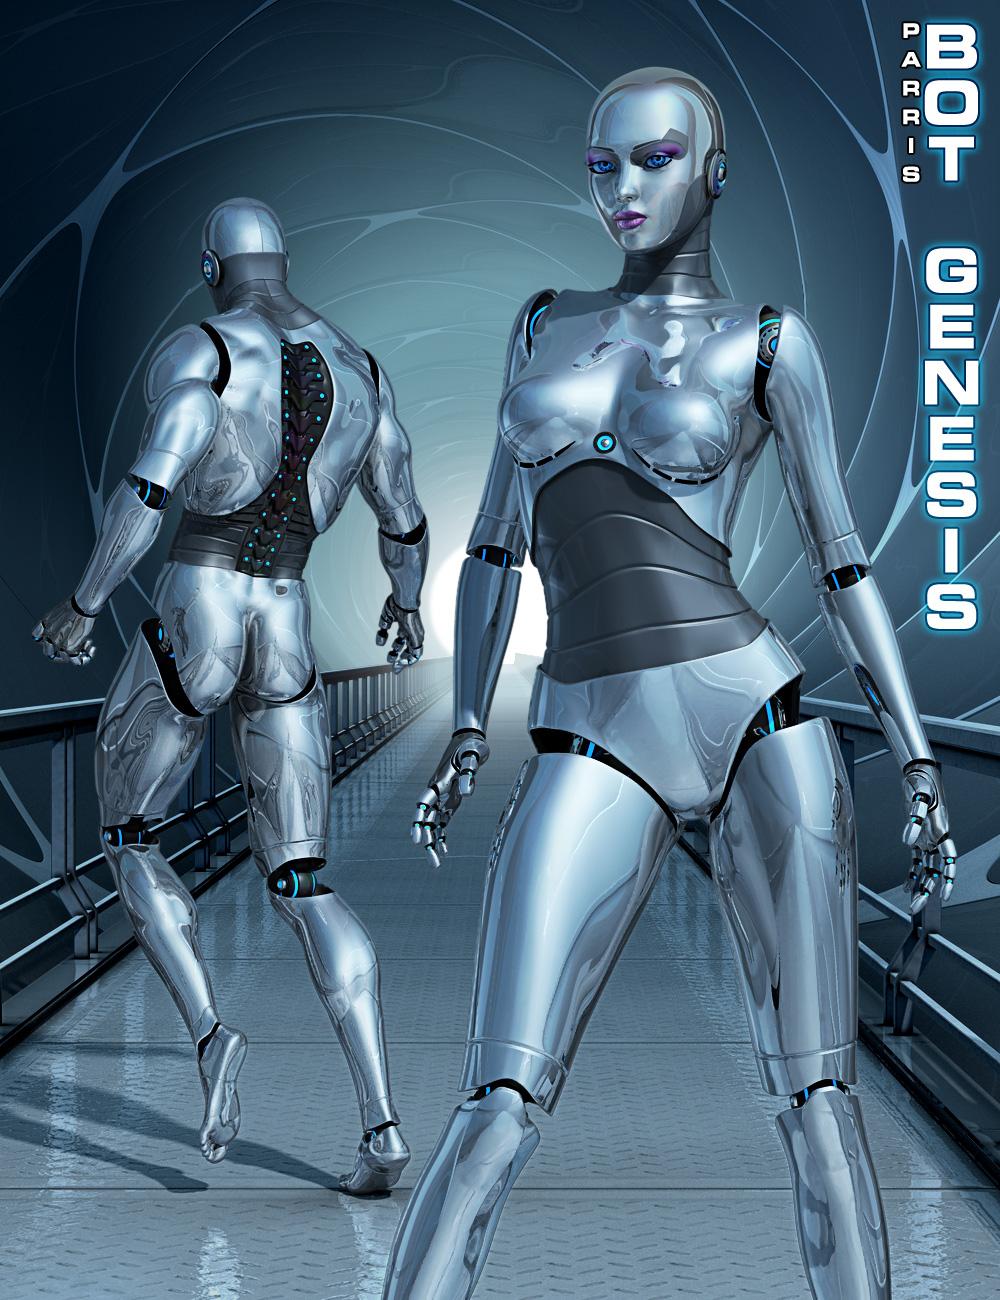 Bot Genesis by: Parris, 3D Models by Daz 3D